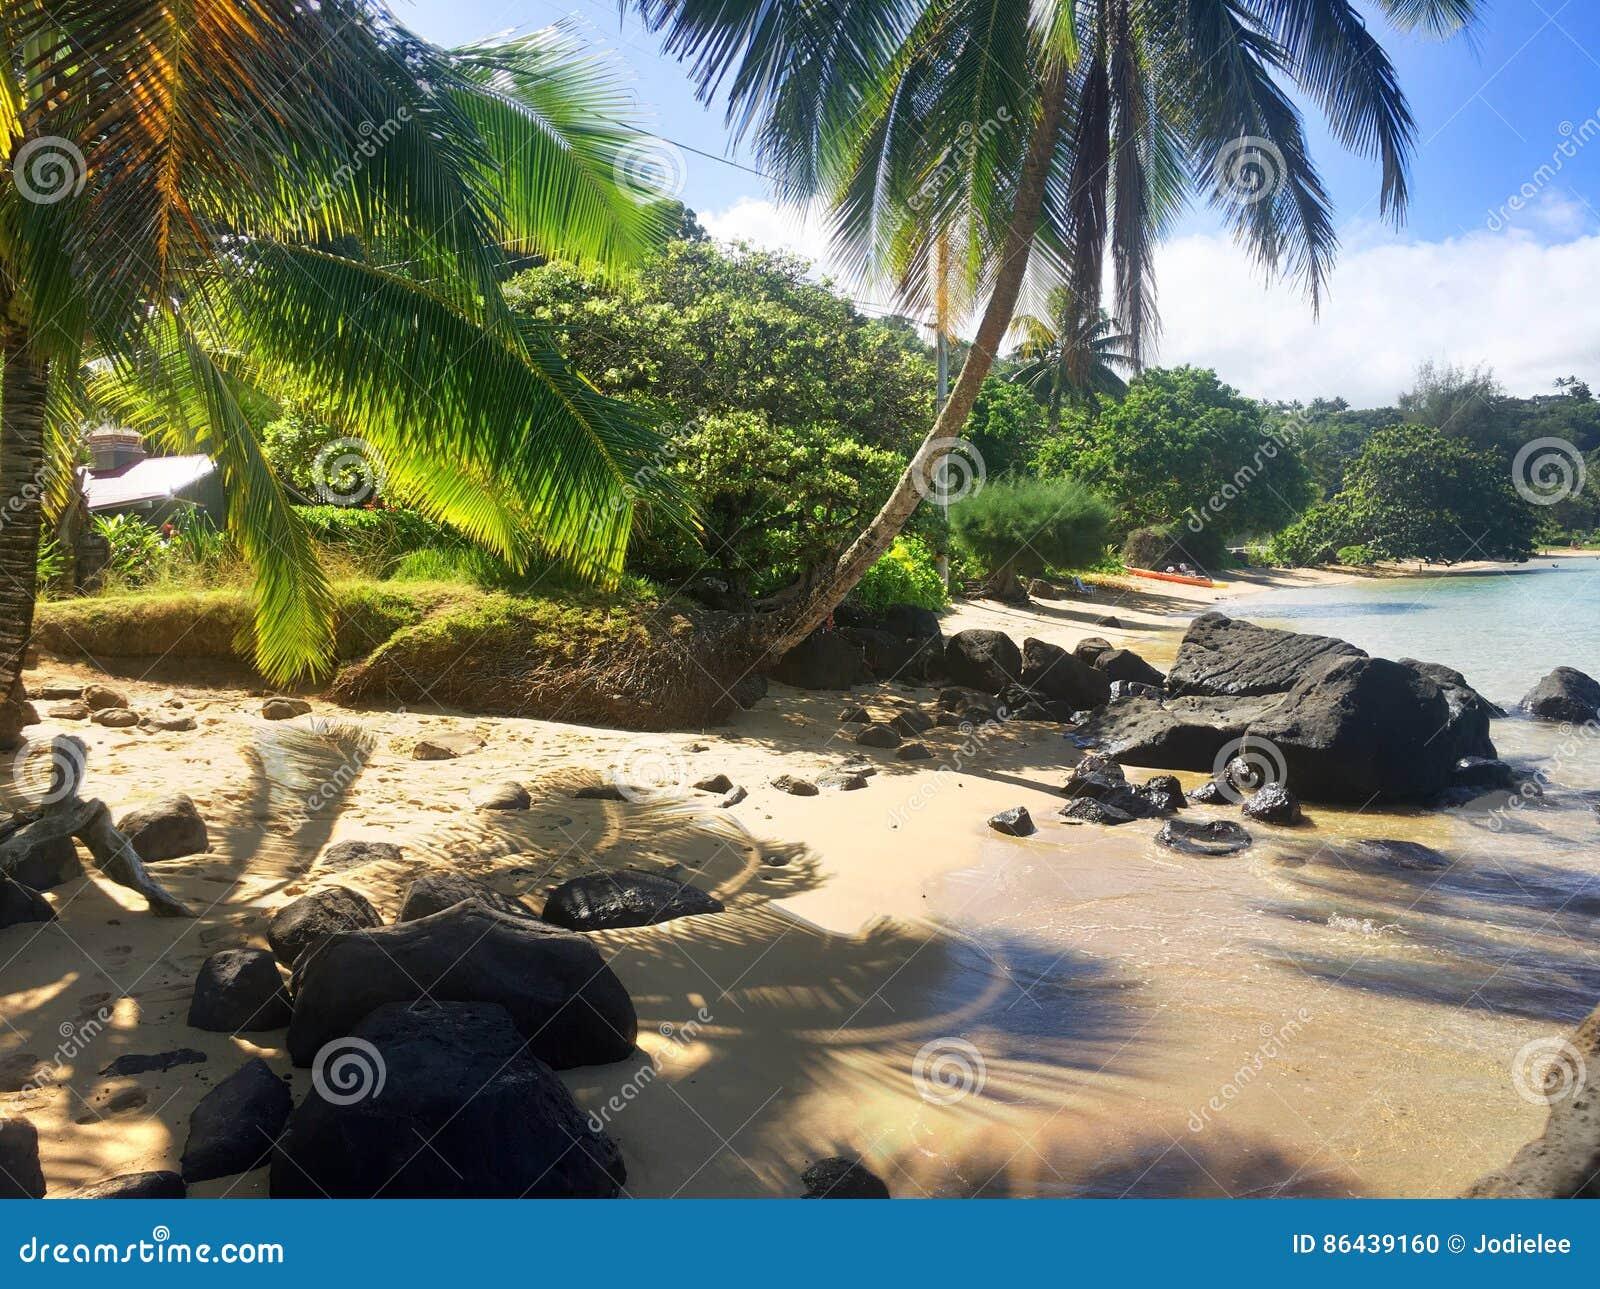 在考艾岛夏威夷海岛上的阿尼尼海滩